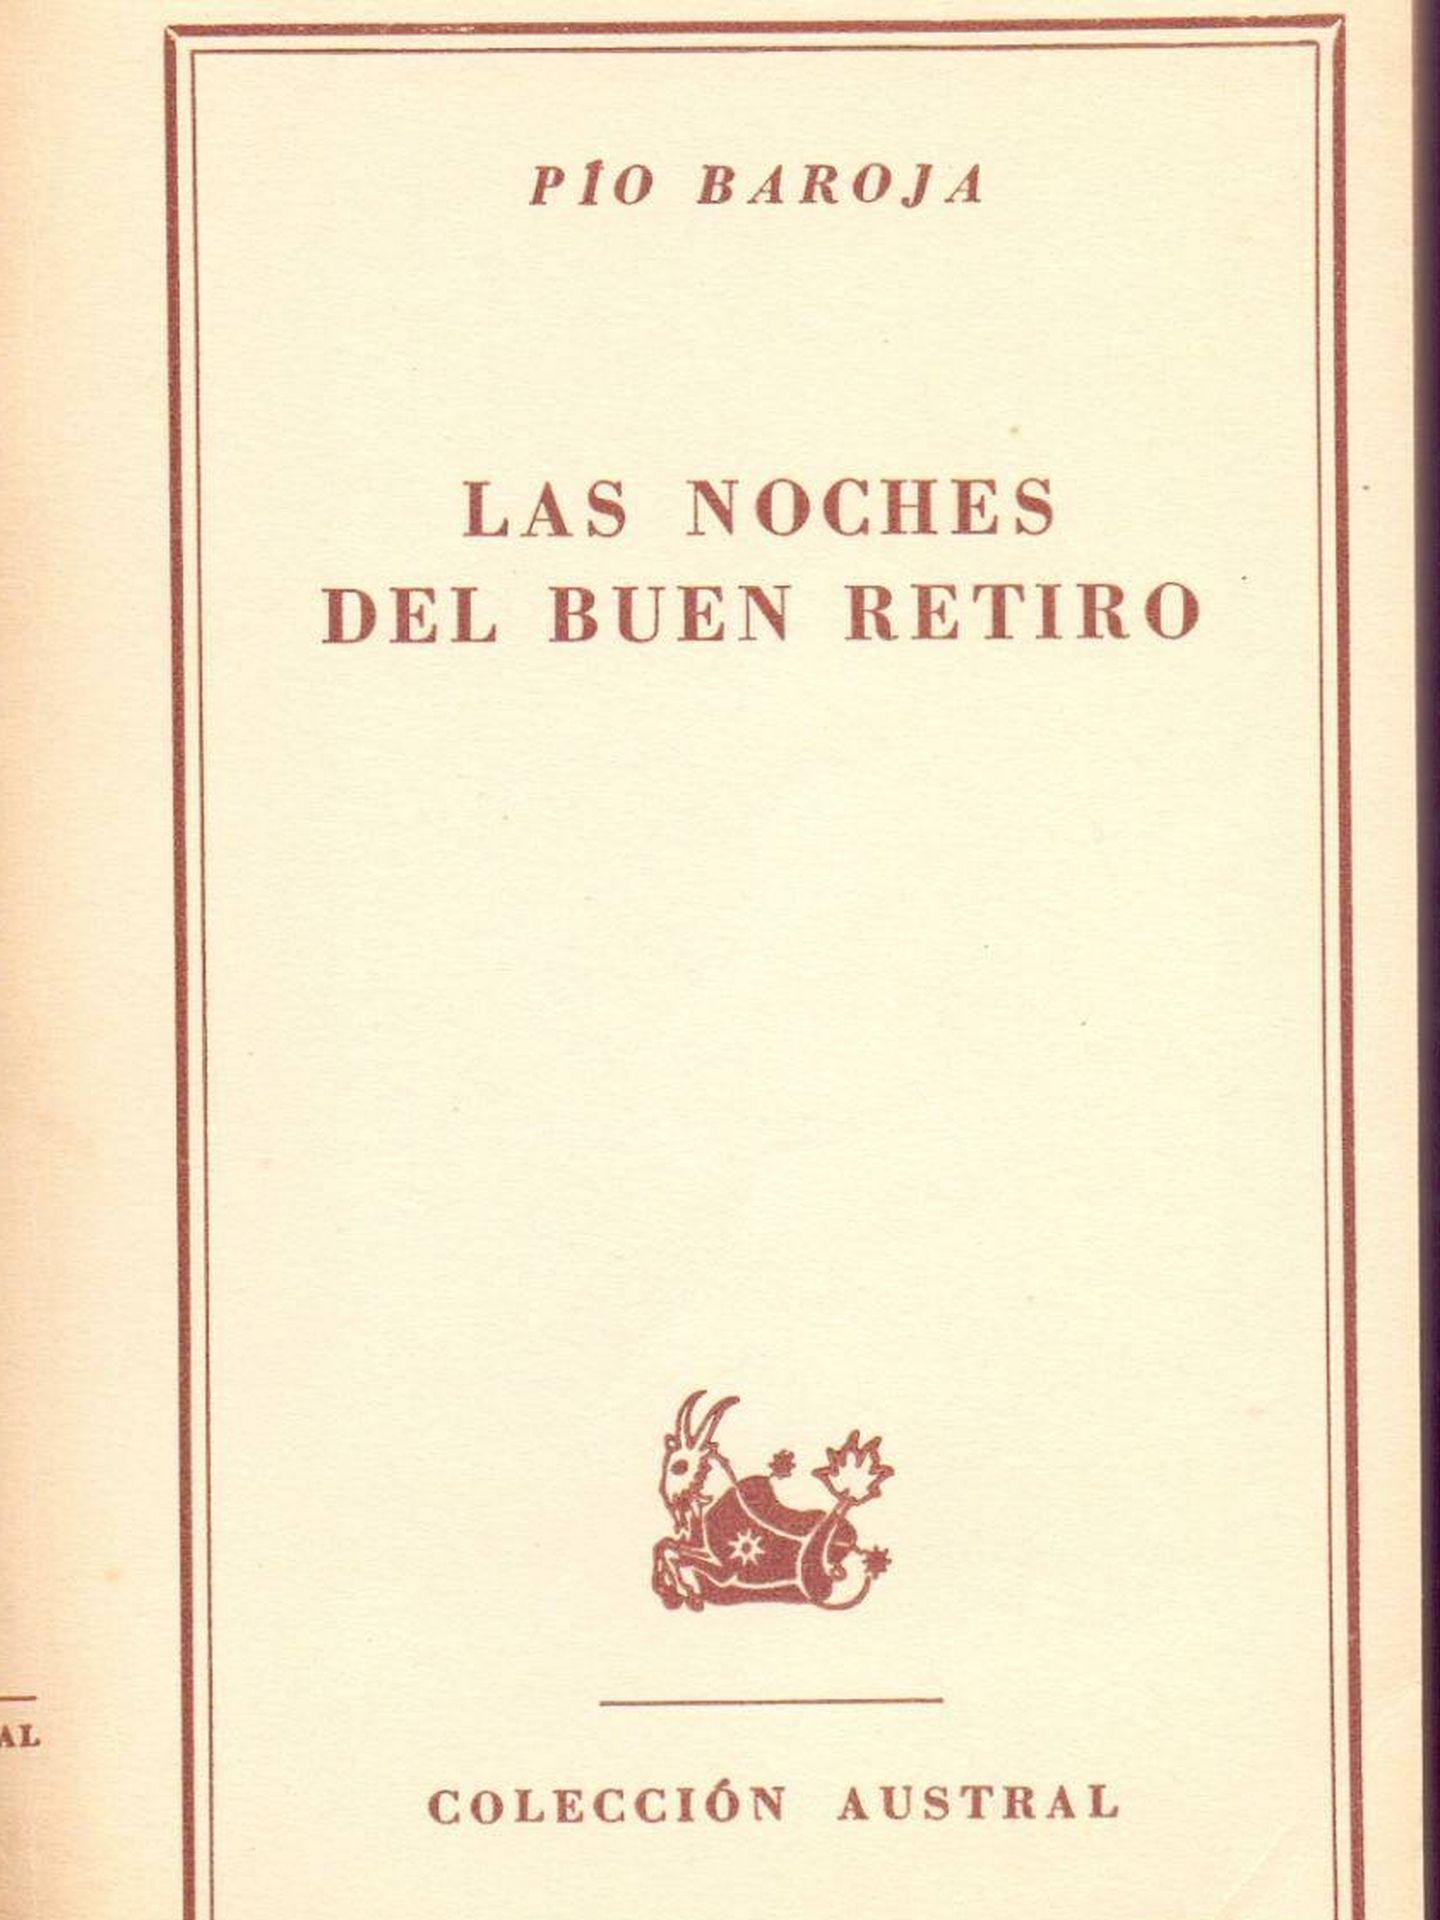 Portada de 'Las noches del Buen Retiro', de Pío Baroja, 1952. (Colecciones Austral)